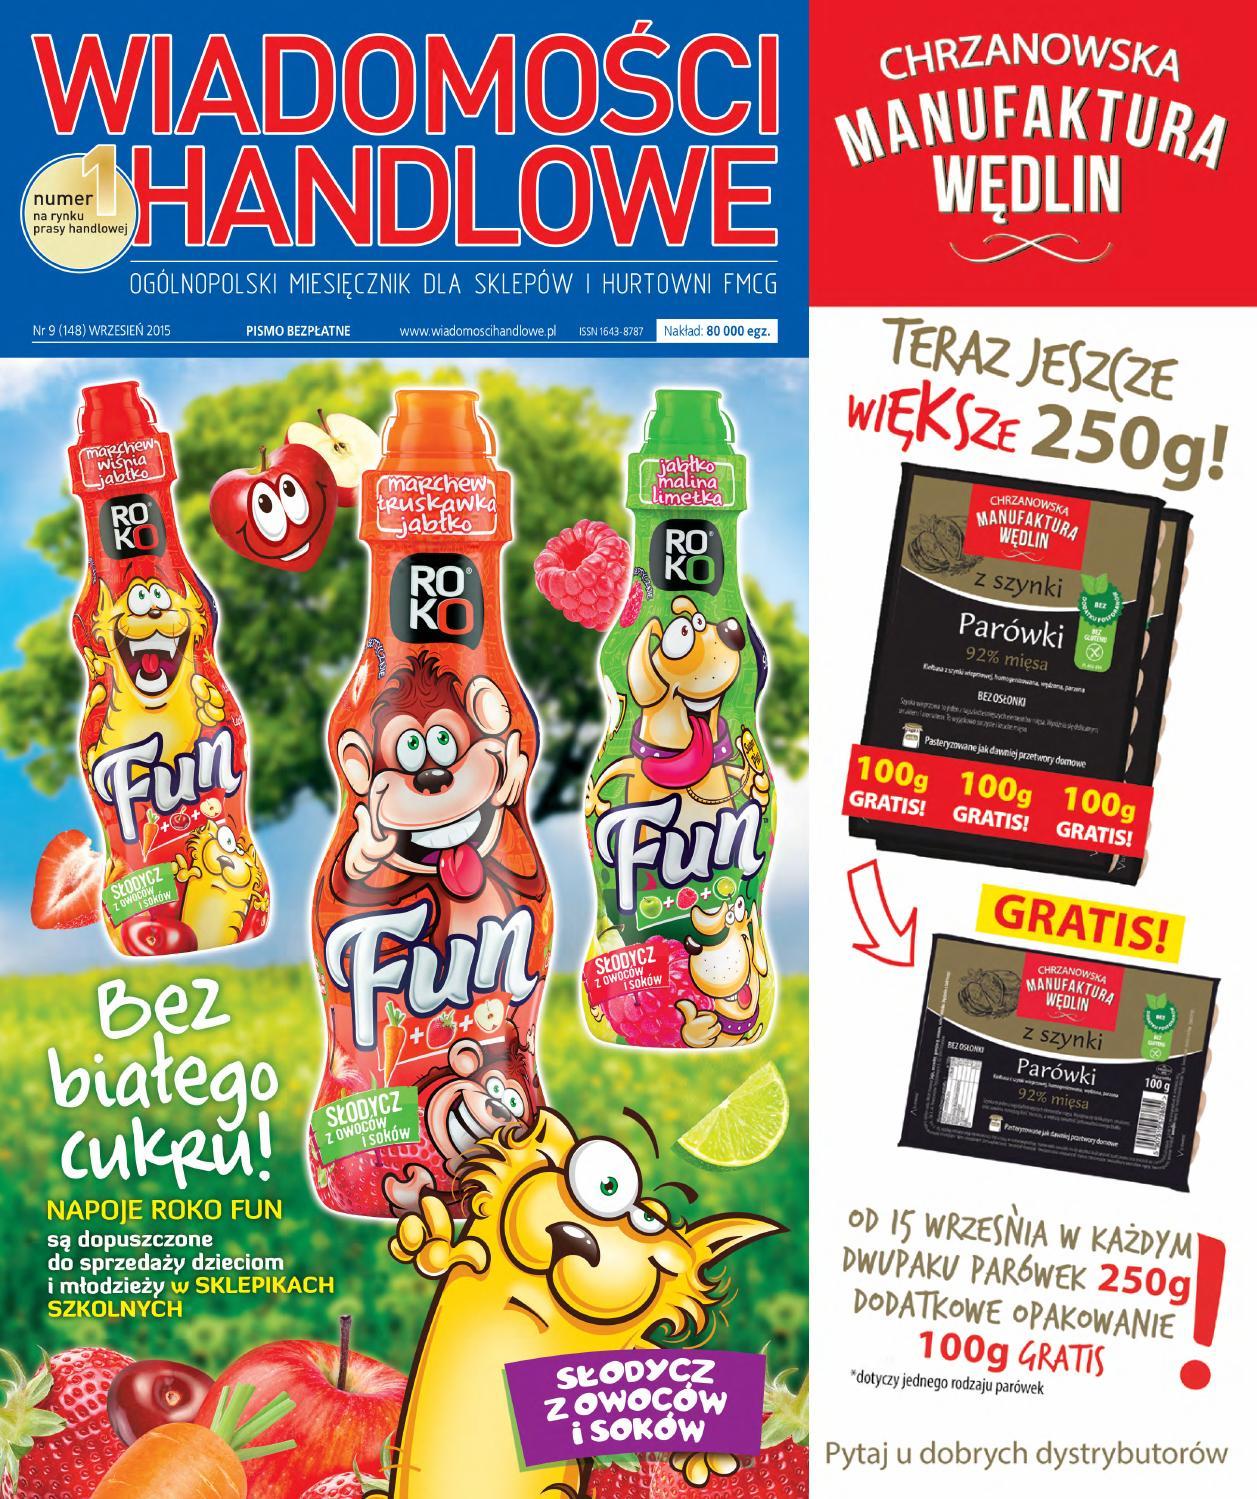 ae5bef1a20951 Wiadomości Handlowe, nr 148, wrzesień 2015 by Wiadomości Handlowe - issuu